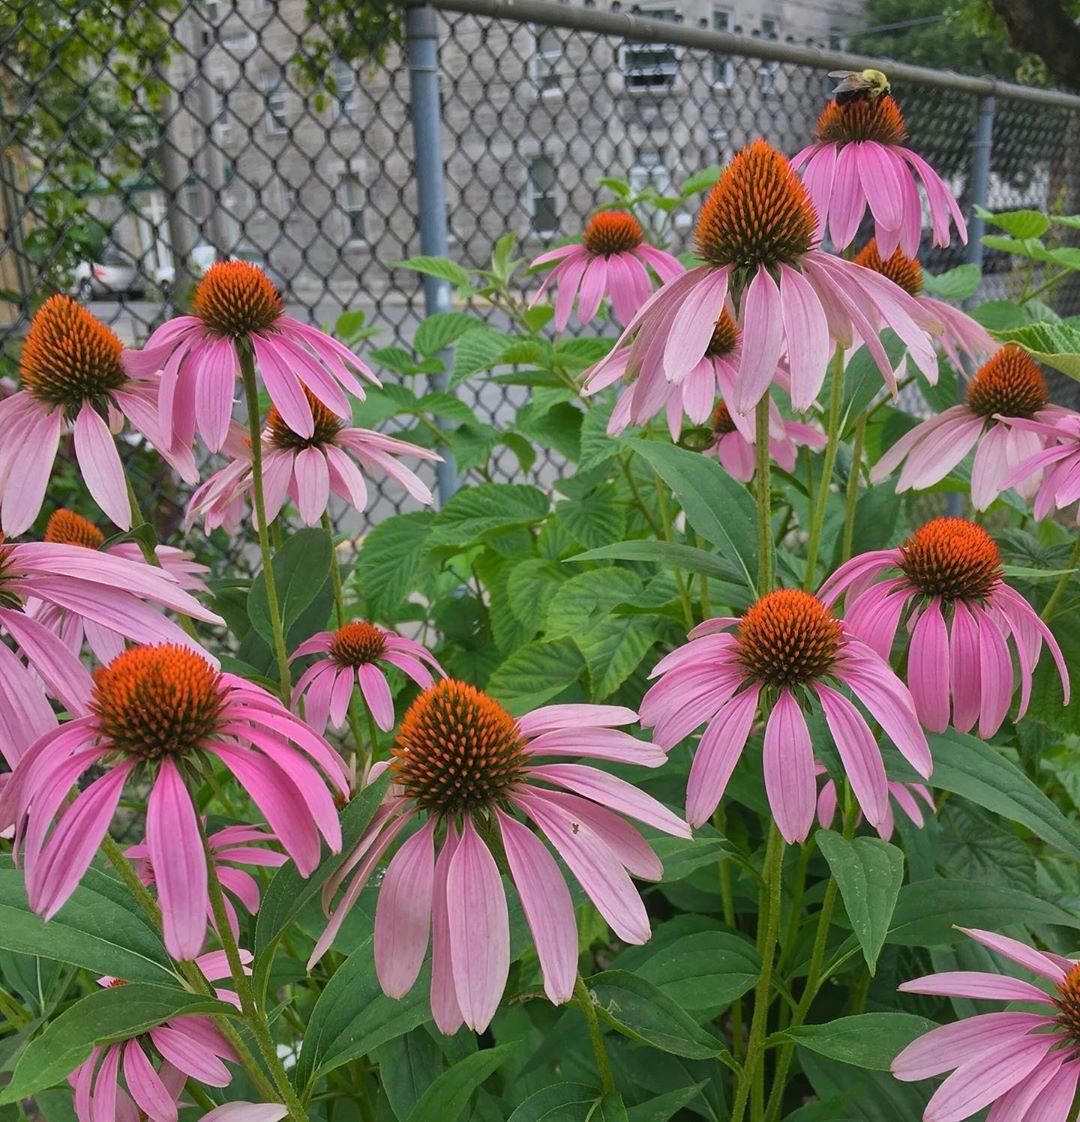 Coneflower Contrasts Echinacea Coneflower Bee Pink Garden Communitygarden Garten Jardin Mtl Montreal Mtlblogger Sthenri Canada Garten Pink